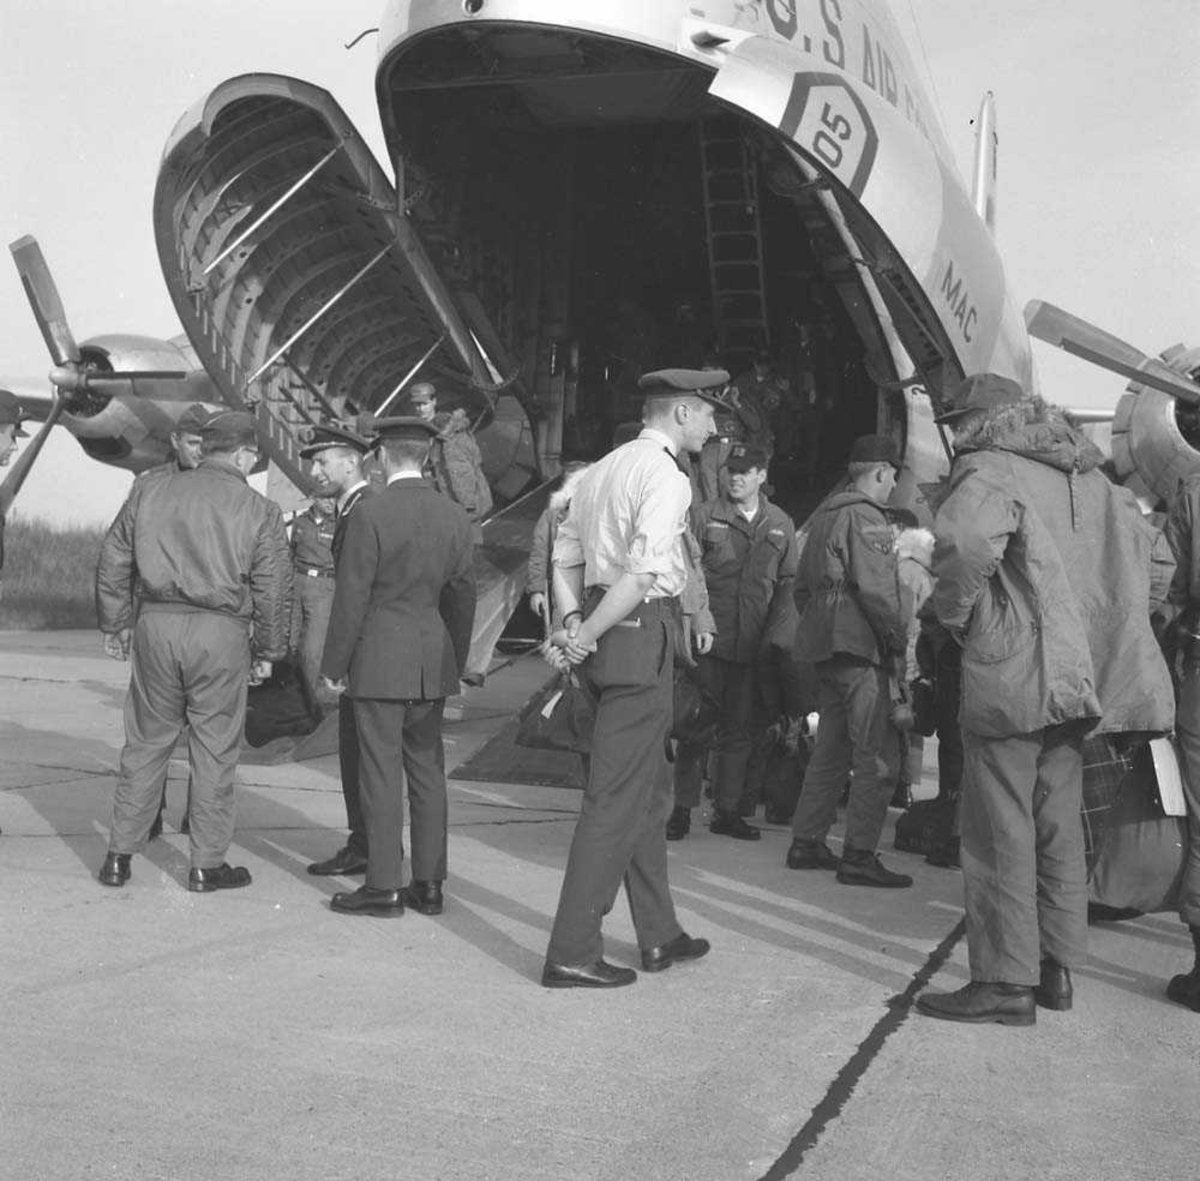 Skvadronsutveksling. 331 skvadron tar imot 53rd Tactical Fighter Squadron, som er ankommet Bodø flystasjon. Normalt varte en skv.utveksling i en uke. Flyet er en Douglas C-124 Globemaster II.